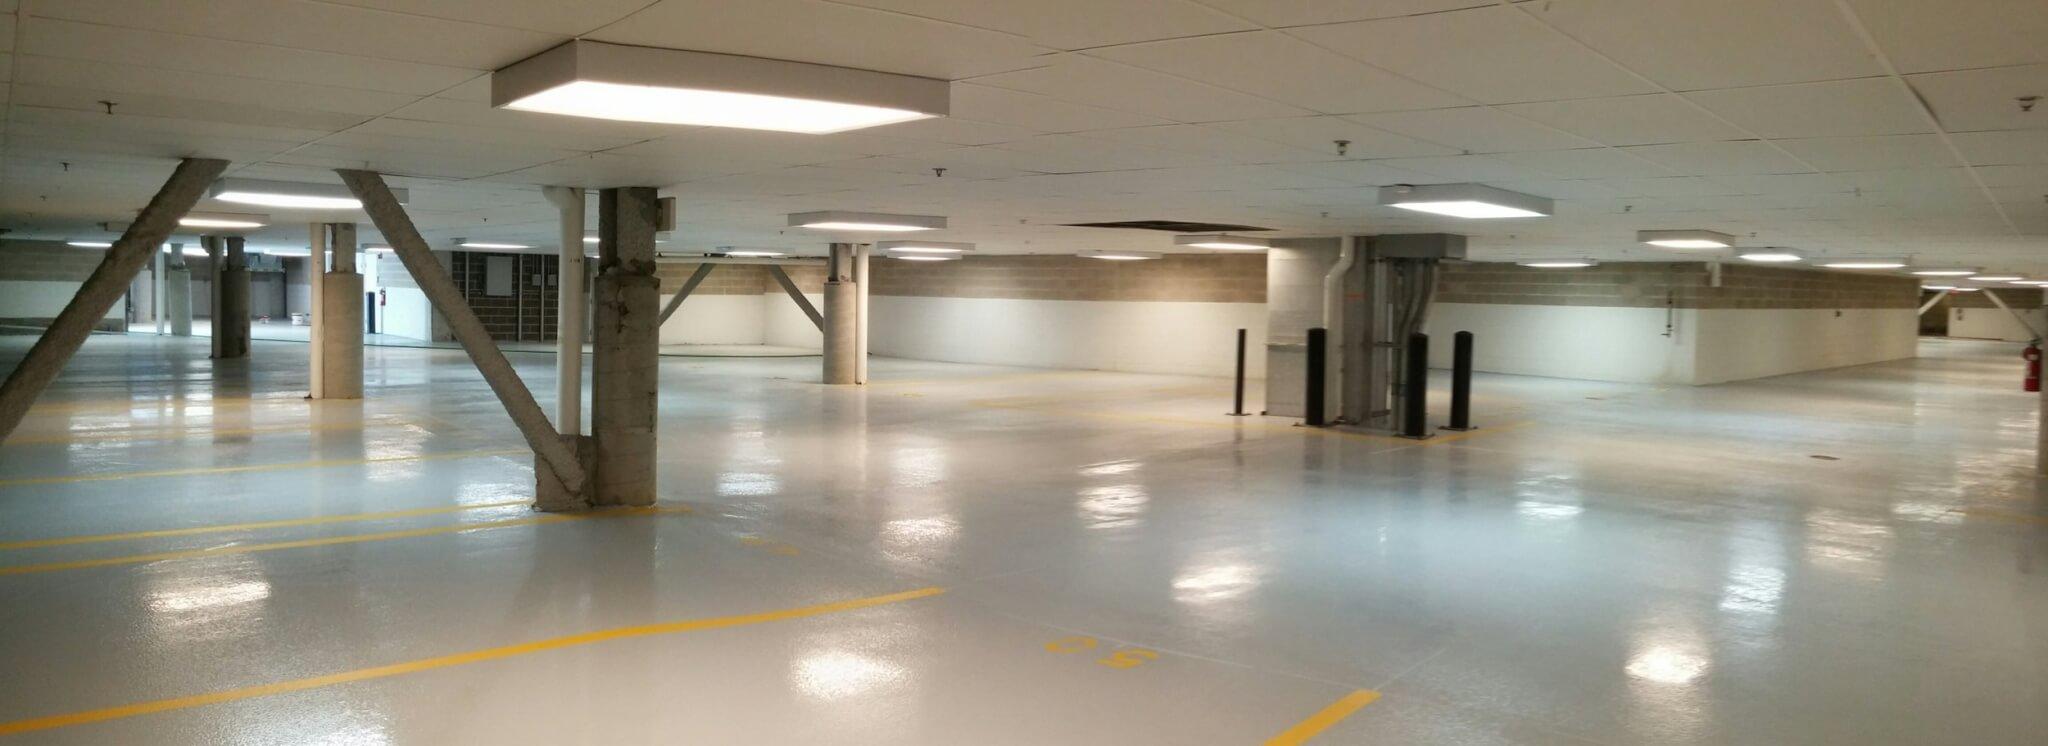 Parking+Garage+2-1